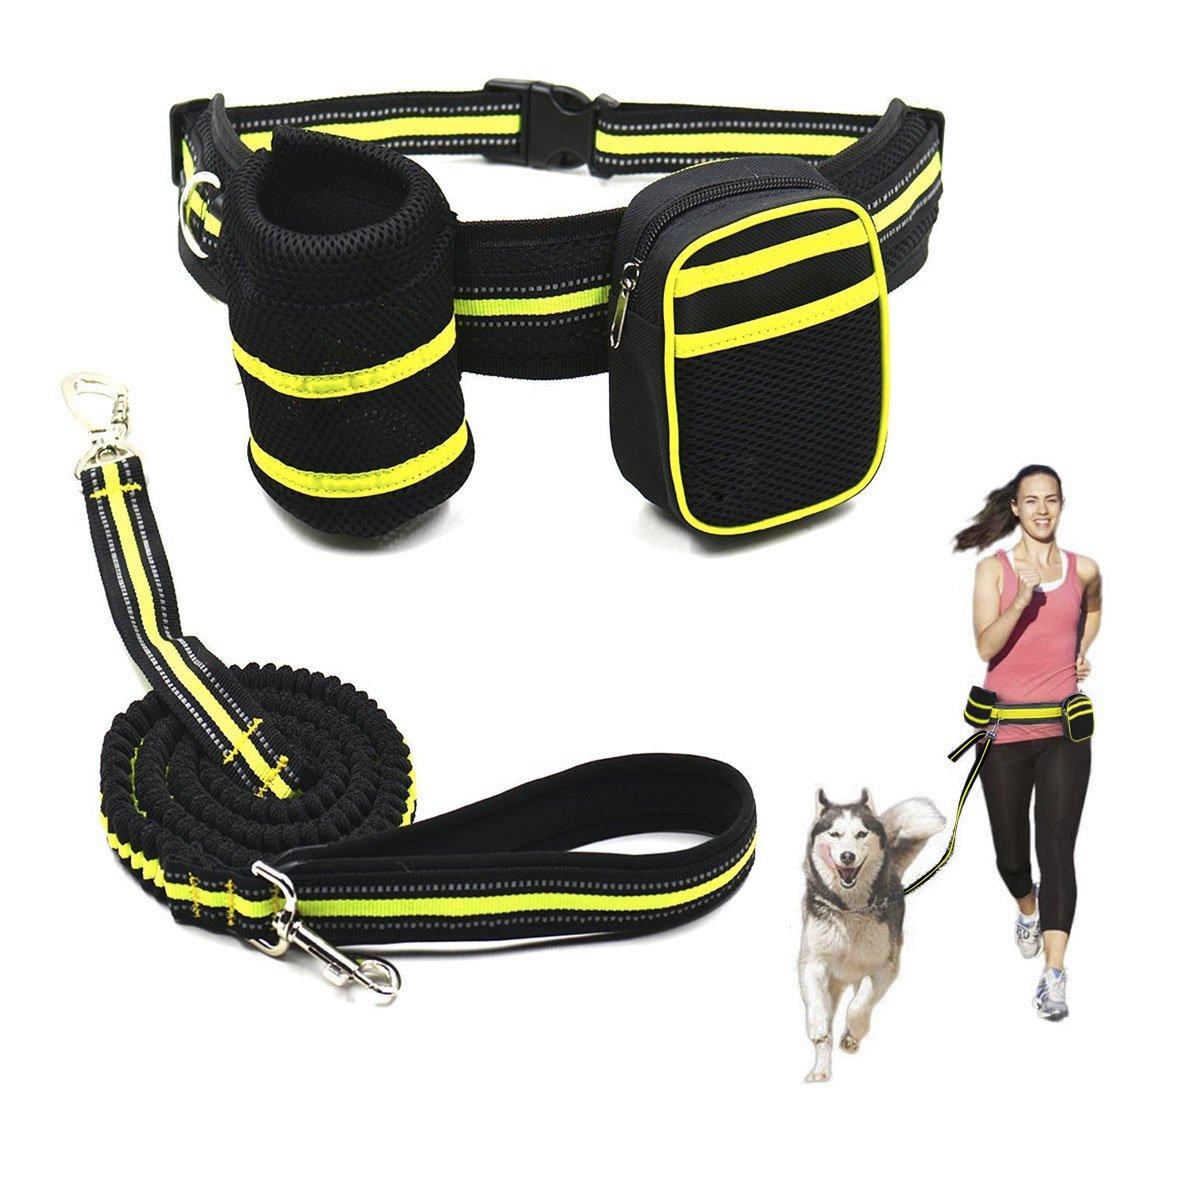 Ewolee Manos Libres Correa Perros Extensible 135-225cm, Correa de Perro para Correr con Correa Perro Cintura - Verde: Amazon.es: Deportes y aire libre